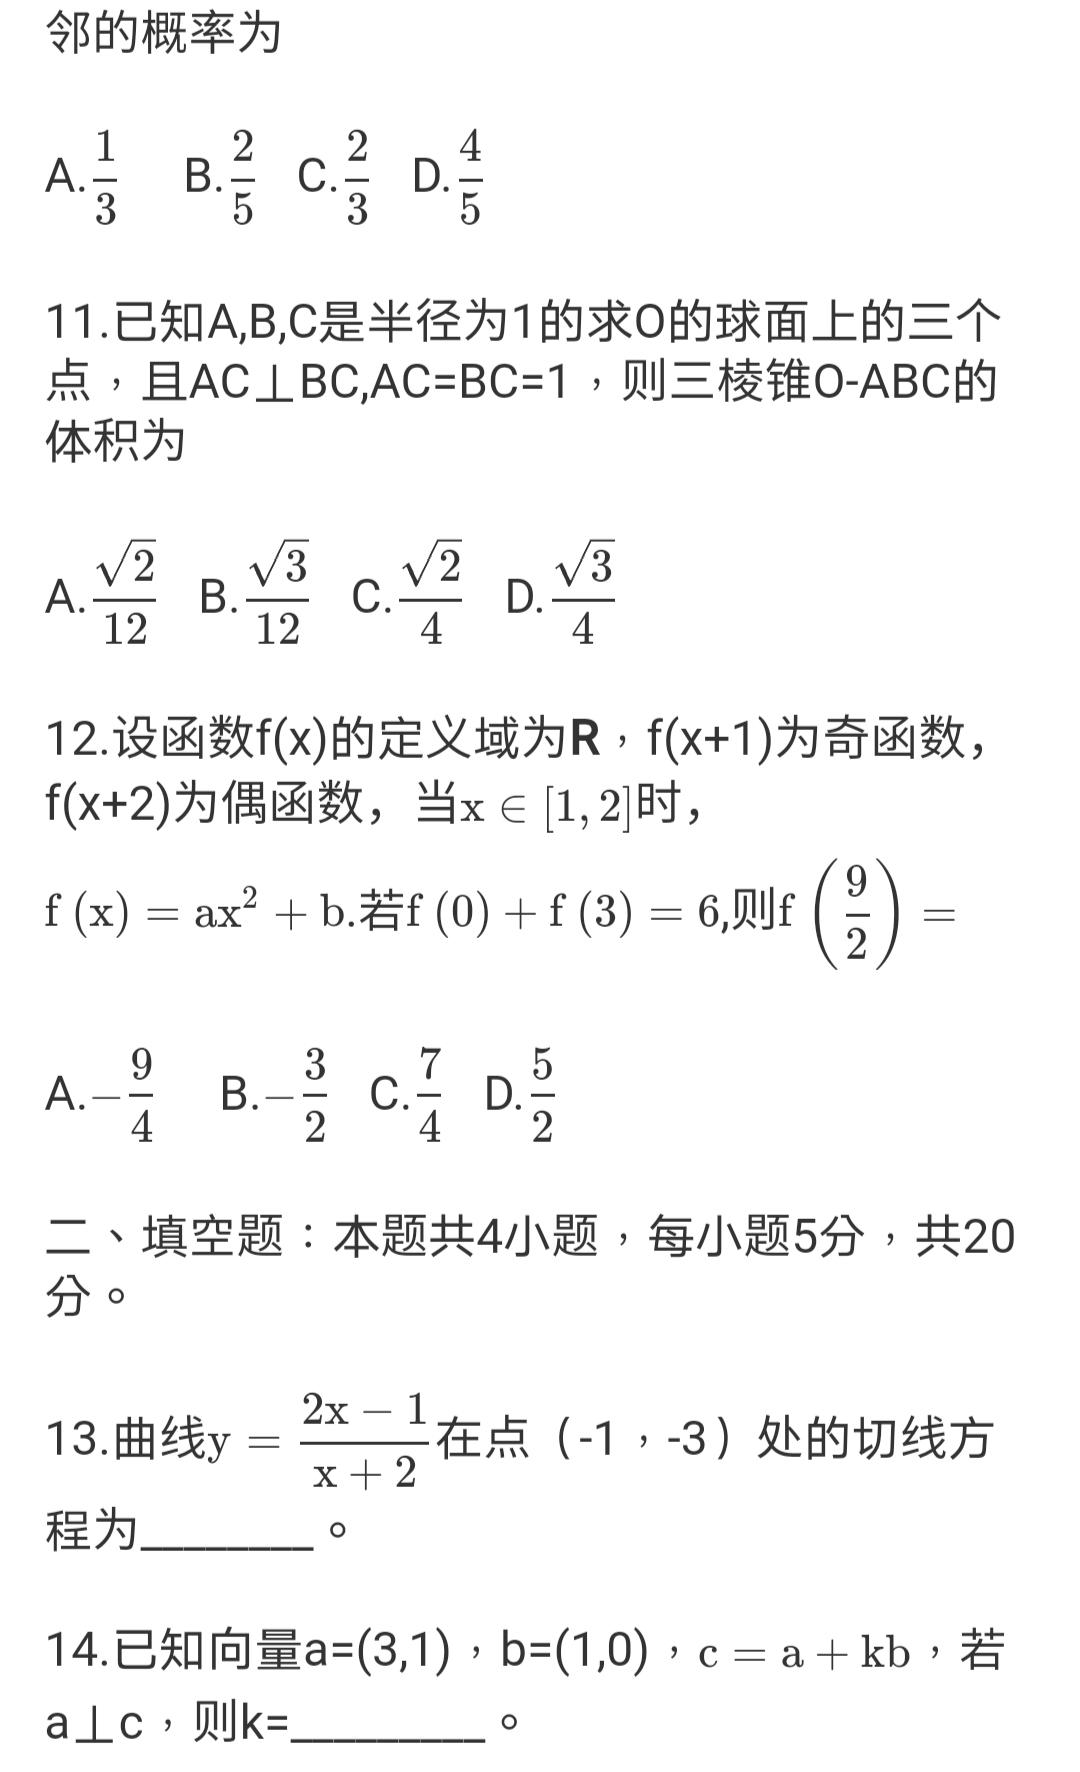 2021 年高考全国甲卷理科数学试题